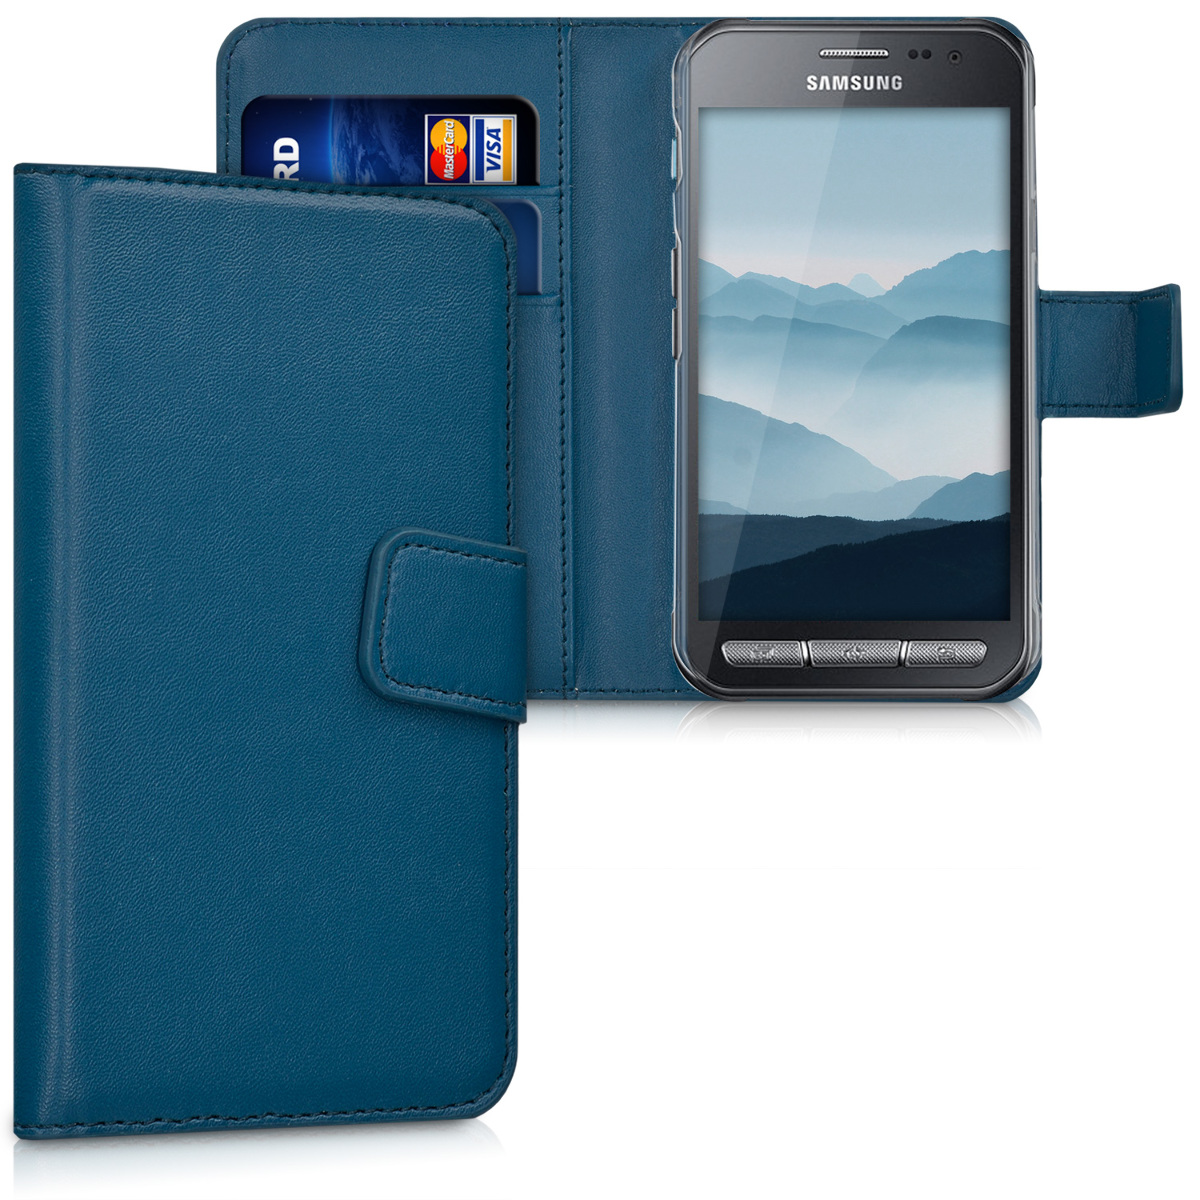 KW Θήκη Πορτοφόλι Samsung Galaxy Xcover 3 - Συνθετικό Δέρμα - Blue (31506.17)